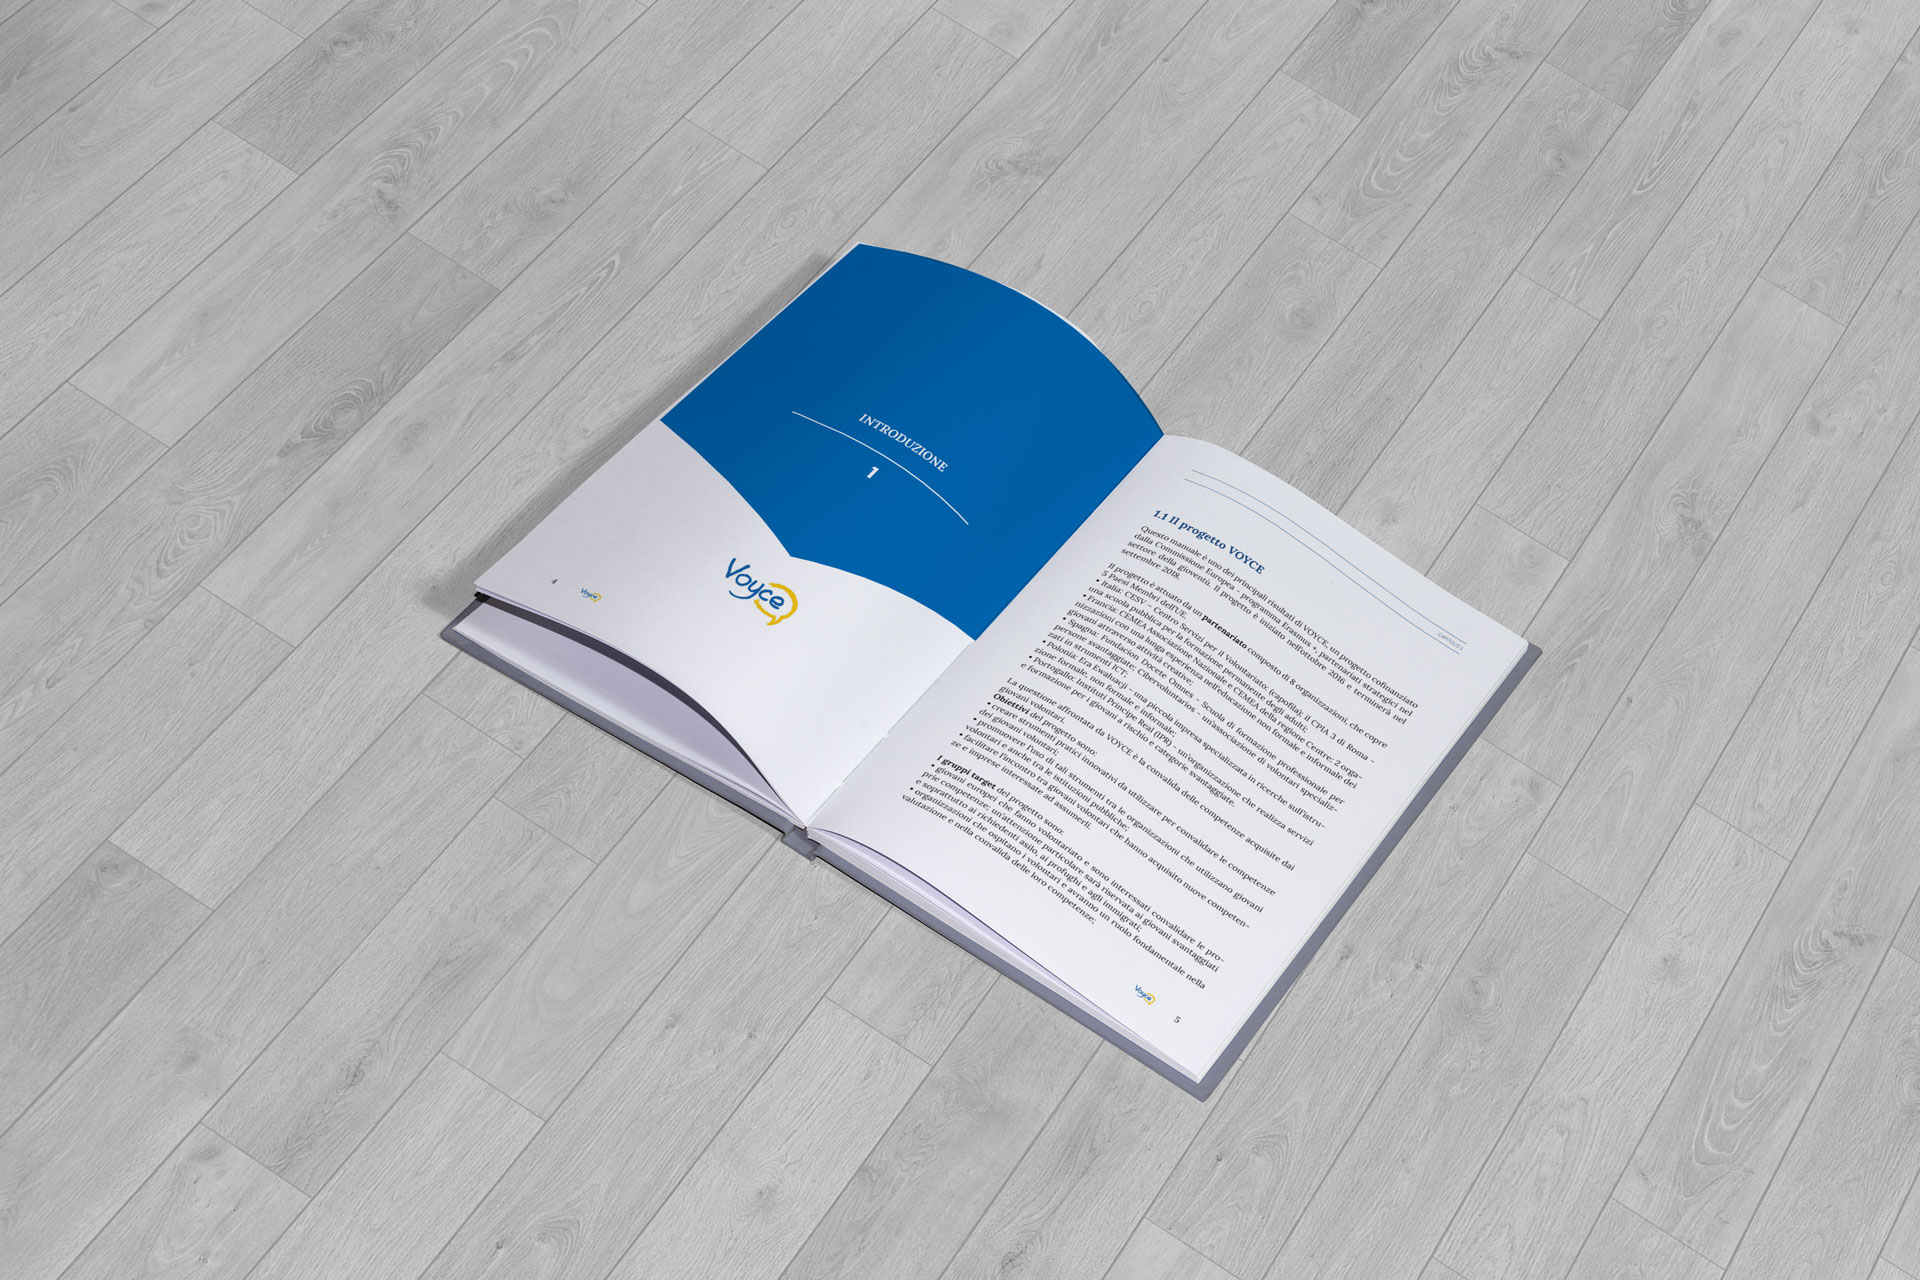 impaginazione libro esempi-impaginazione grafica esempi